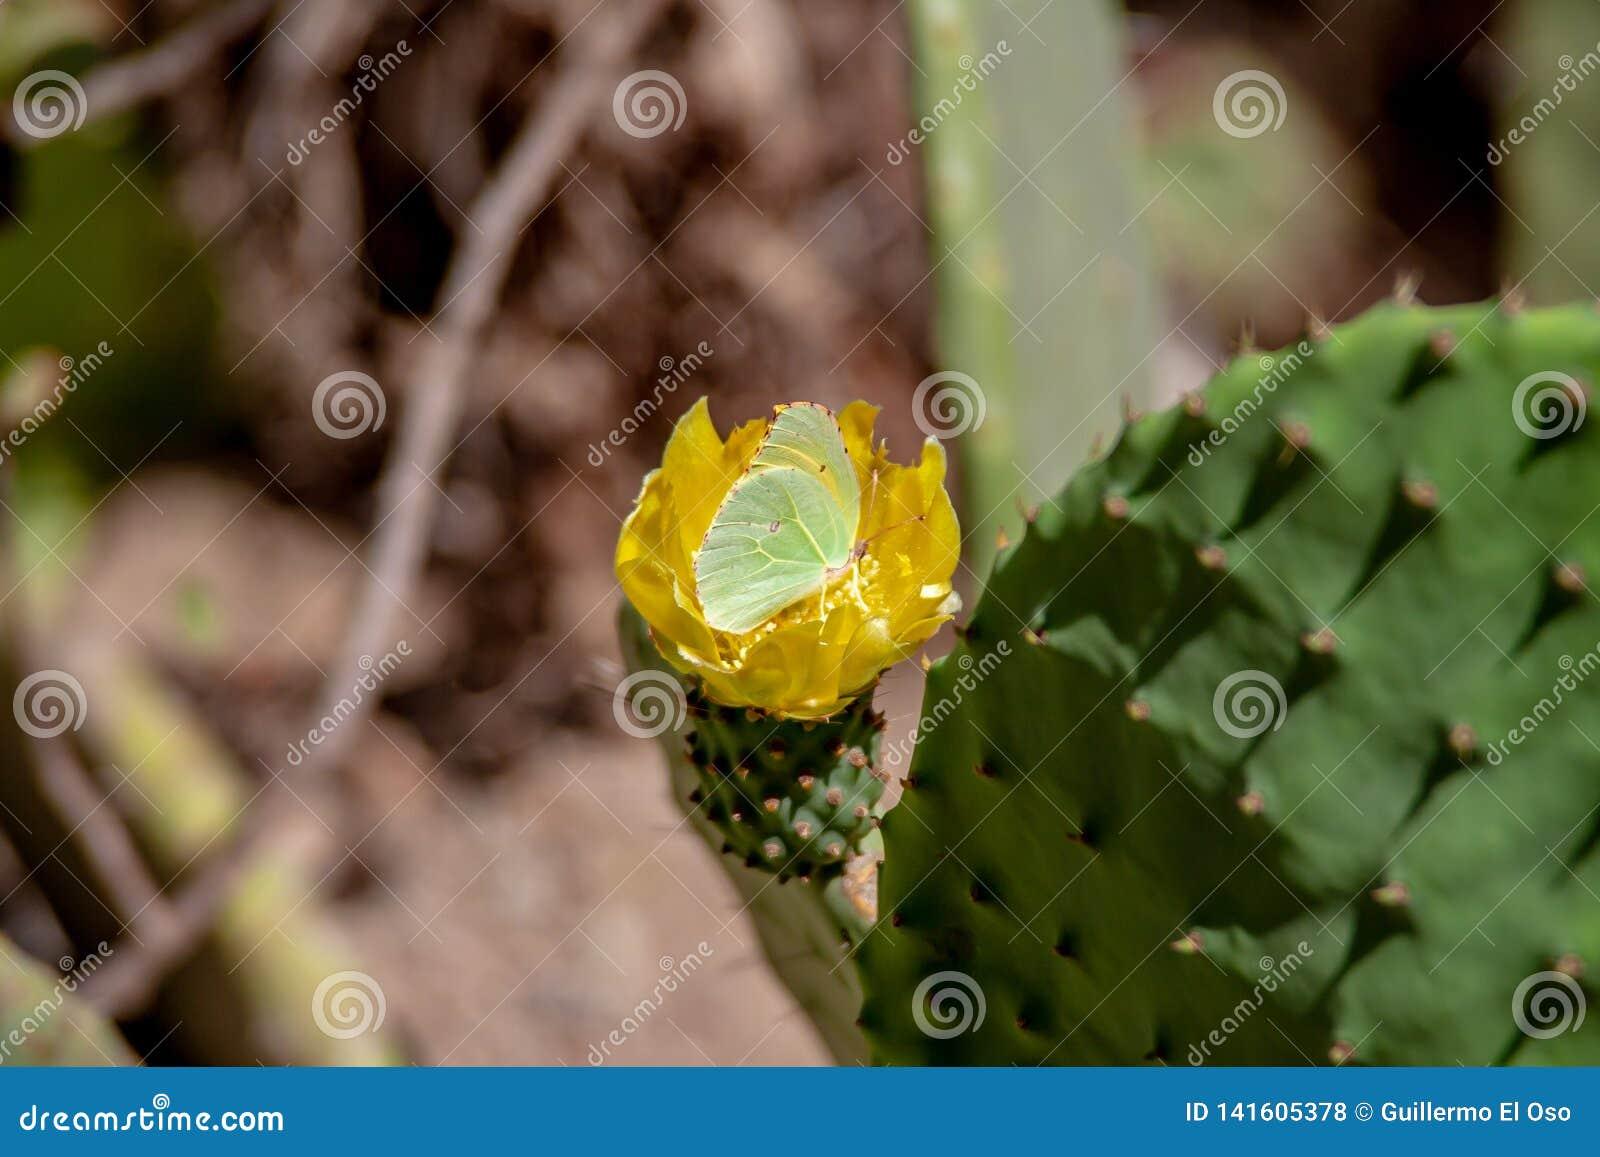 Закройте вверх от цветения кактуса с бабочкой